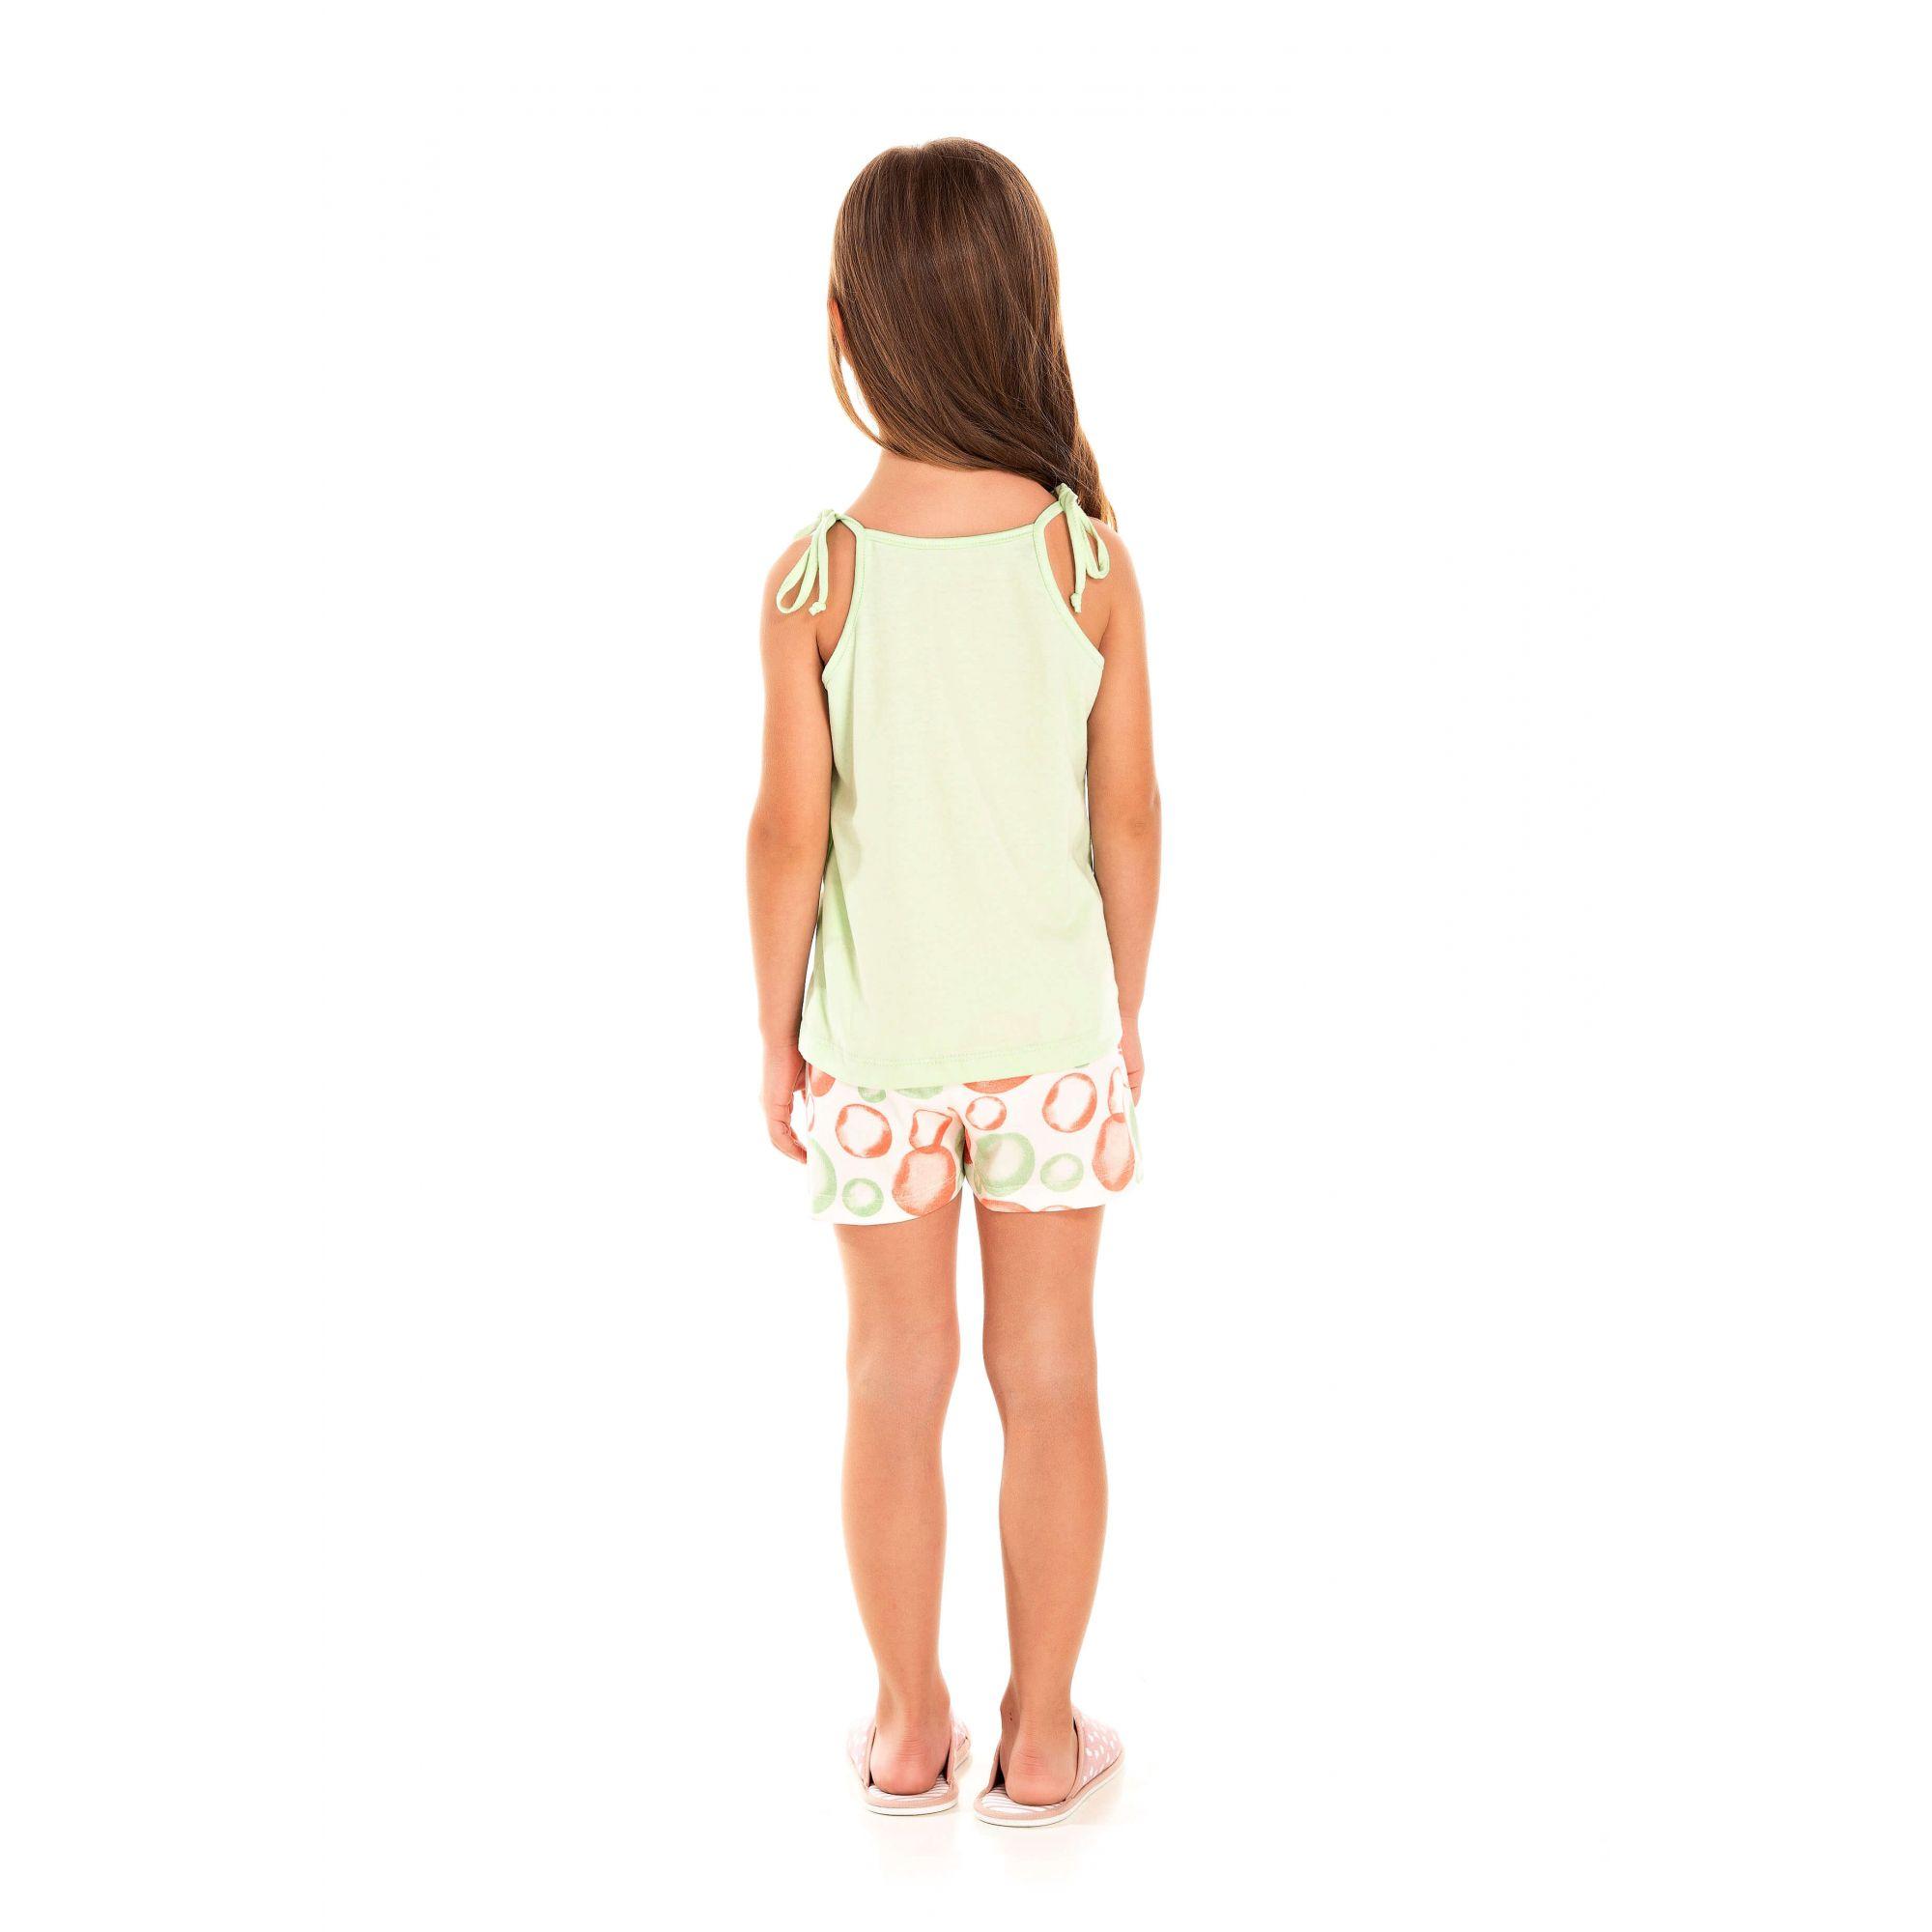 109/F - Short Doll Infantil Feminino Picolé Pom Pons - Verde